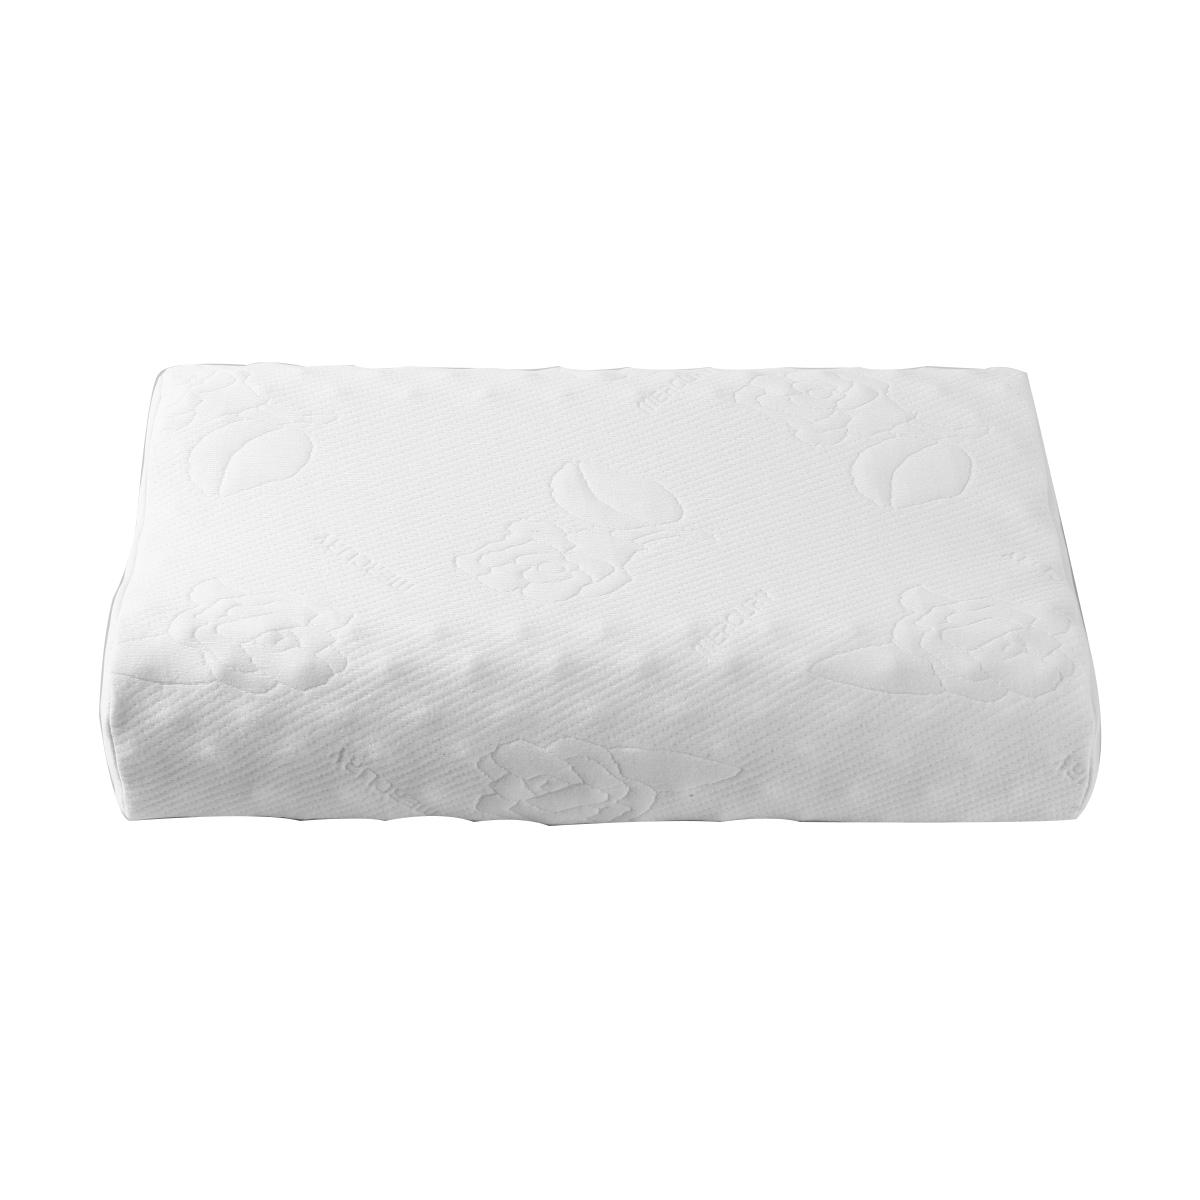 水星家纺乳胶枕芯一只装正品护颈成人睡眠枕头乳胶分区按摩枕228.00元包邮